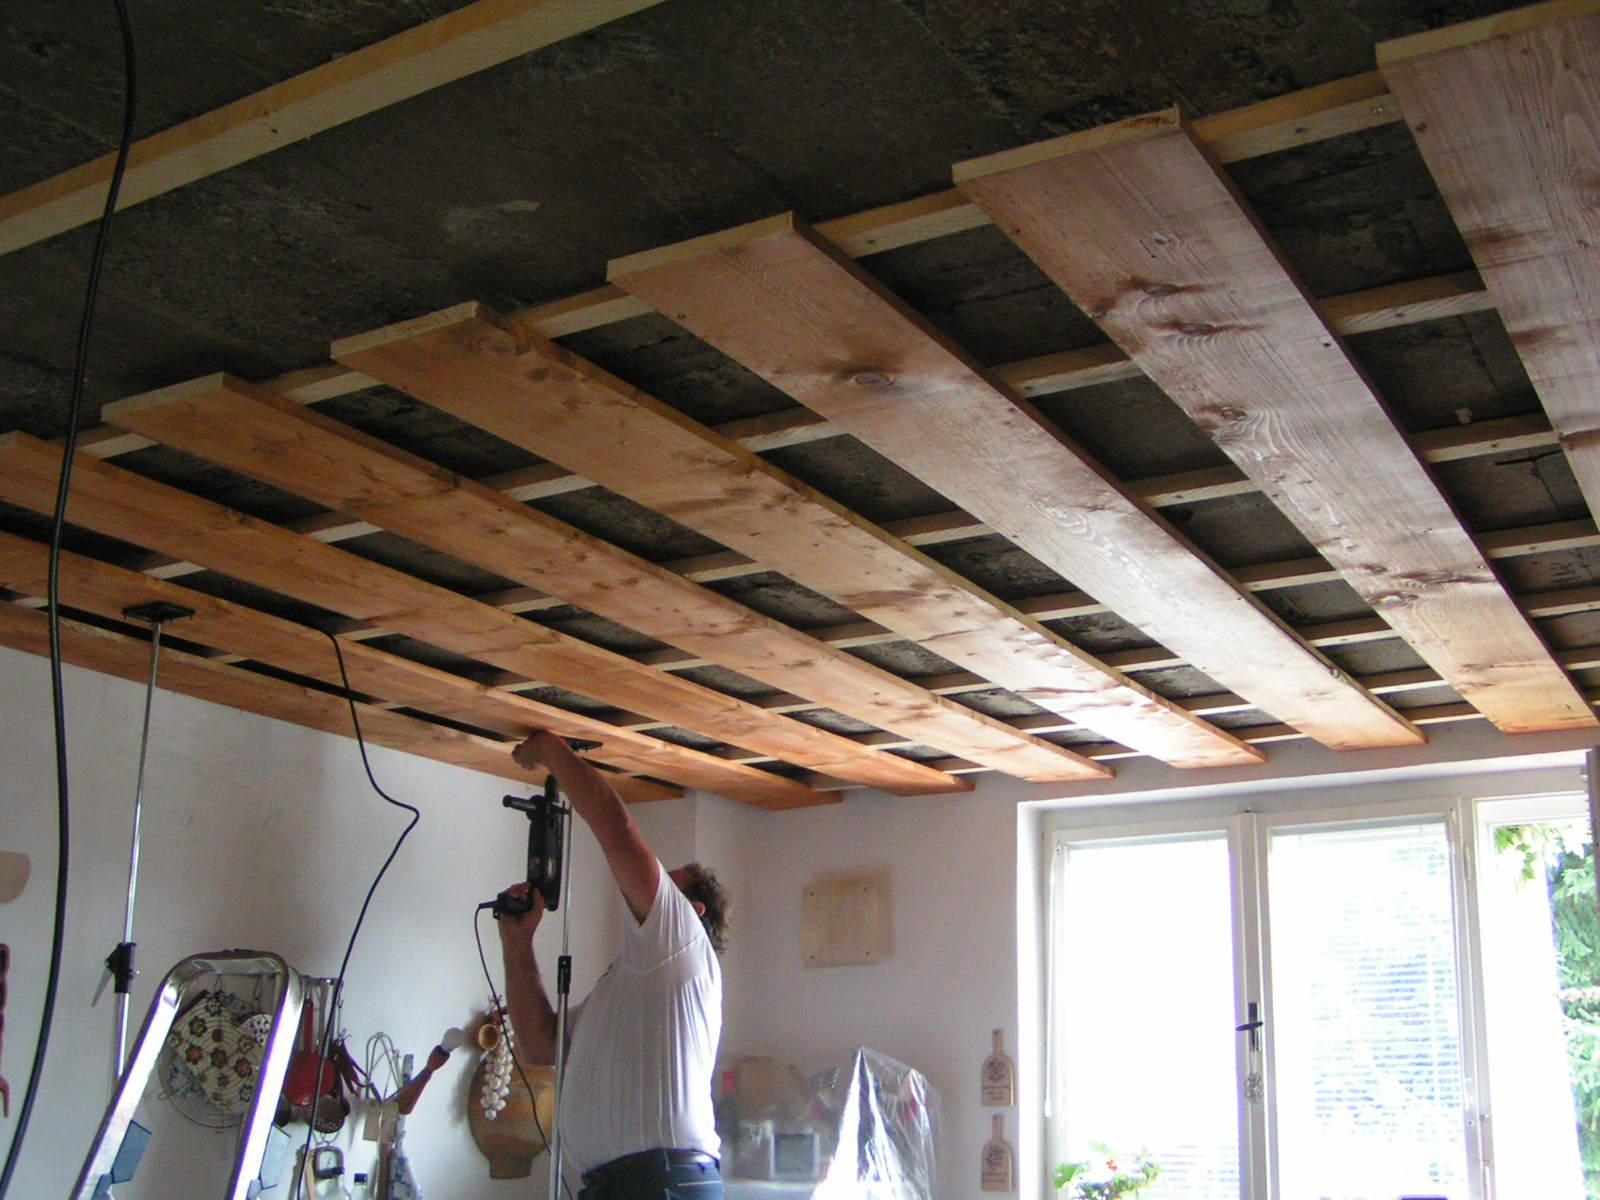 Keuken Planken Bevestigen : Keuken Planken Bevestigen : http www ilovemyinterior nl wp content